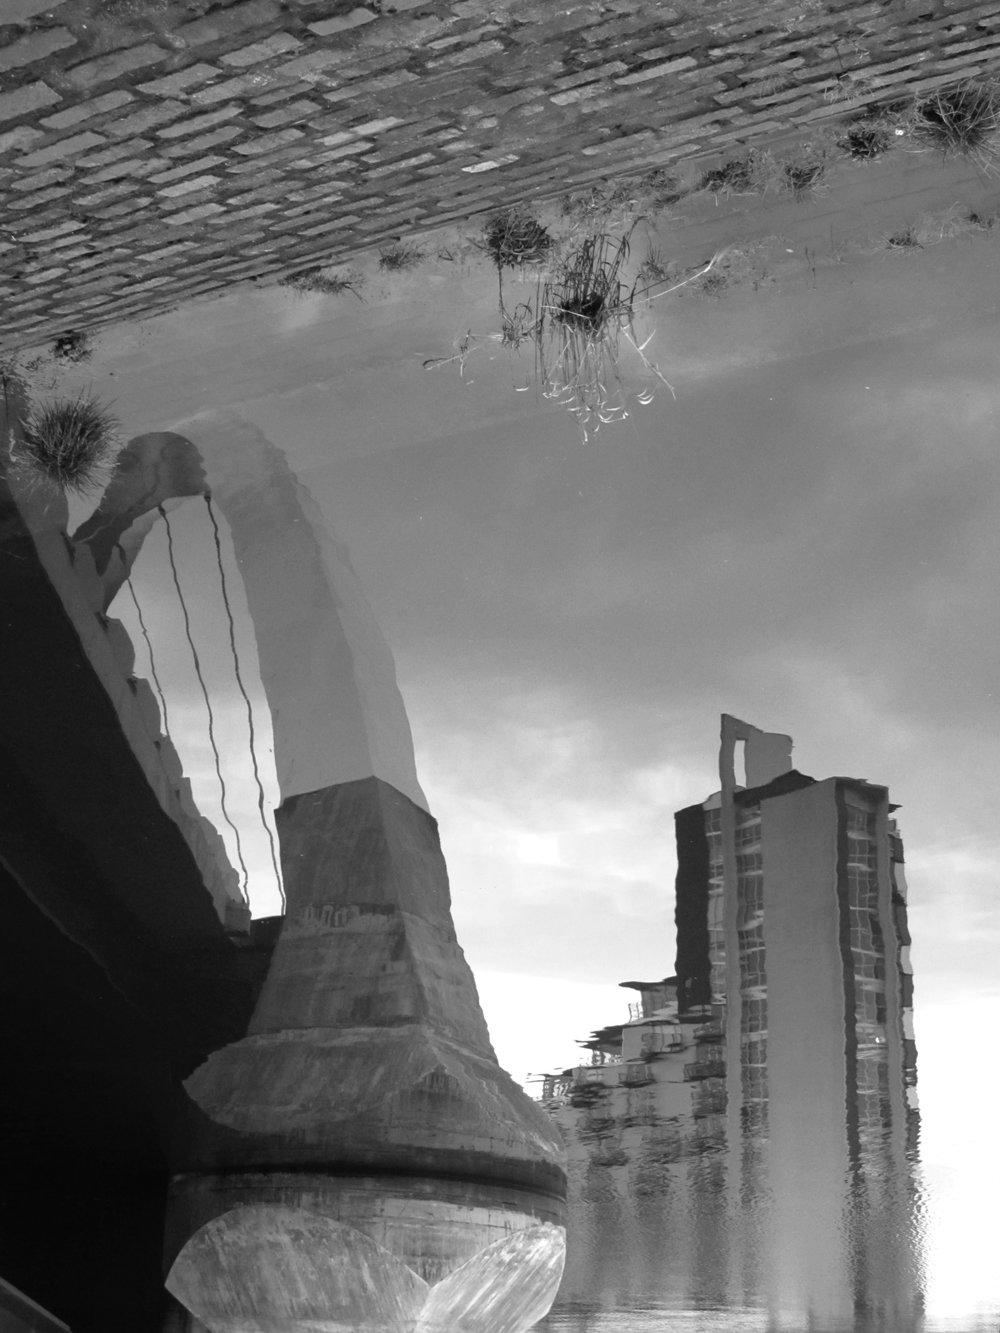 Glasgow, Scotland 2012